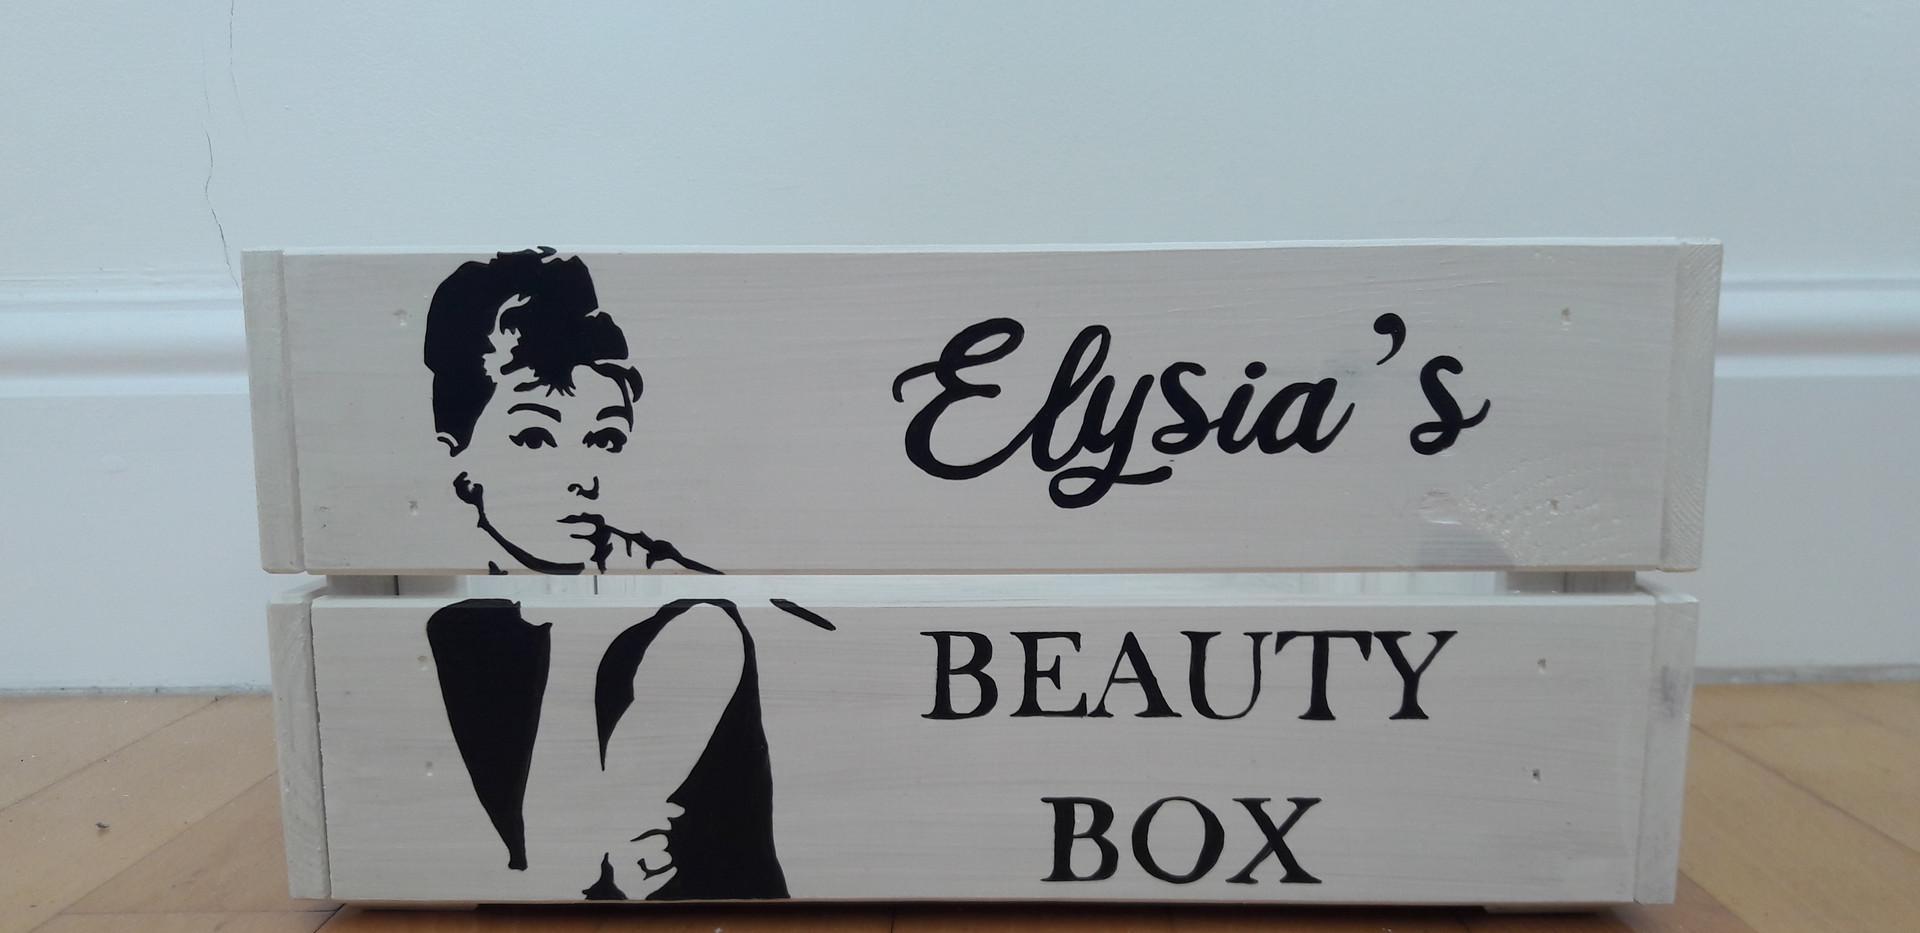 Beauty Box ready to be shipped